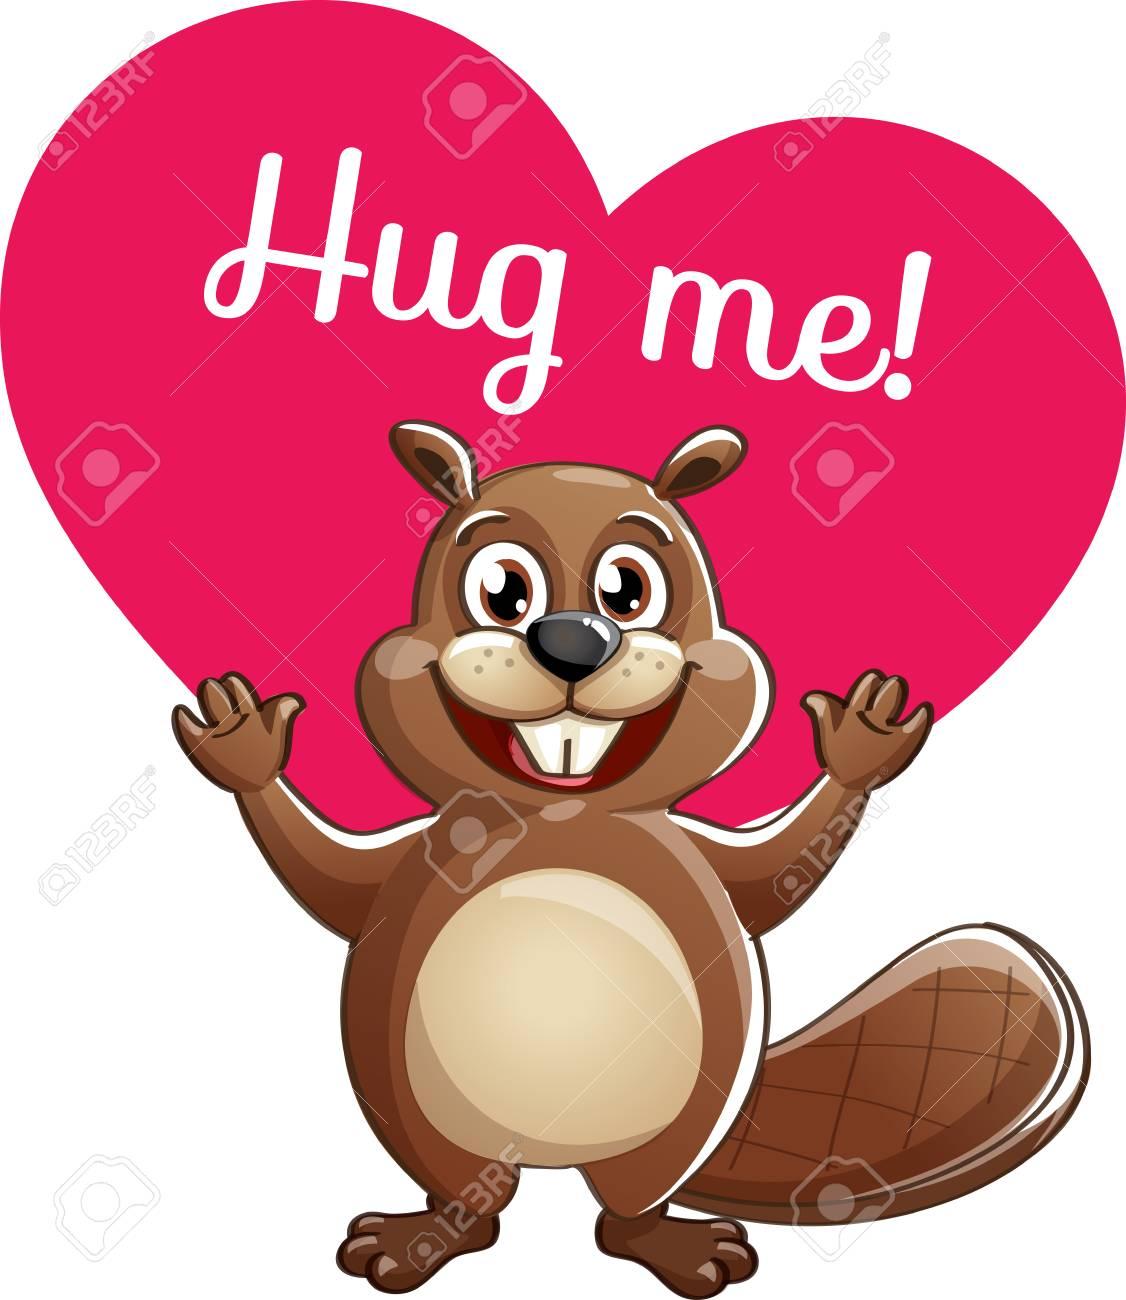 Cartoon beaver ready for a hug - 89317964